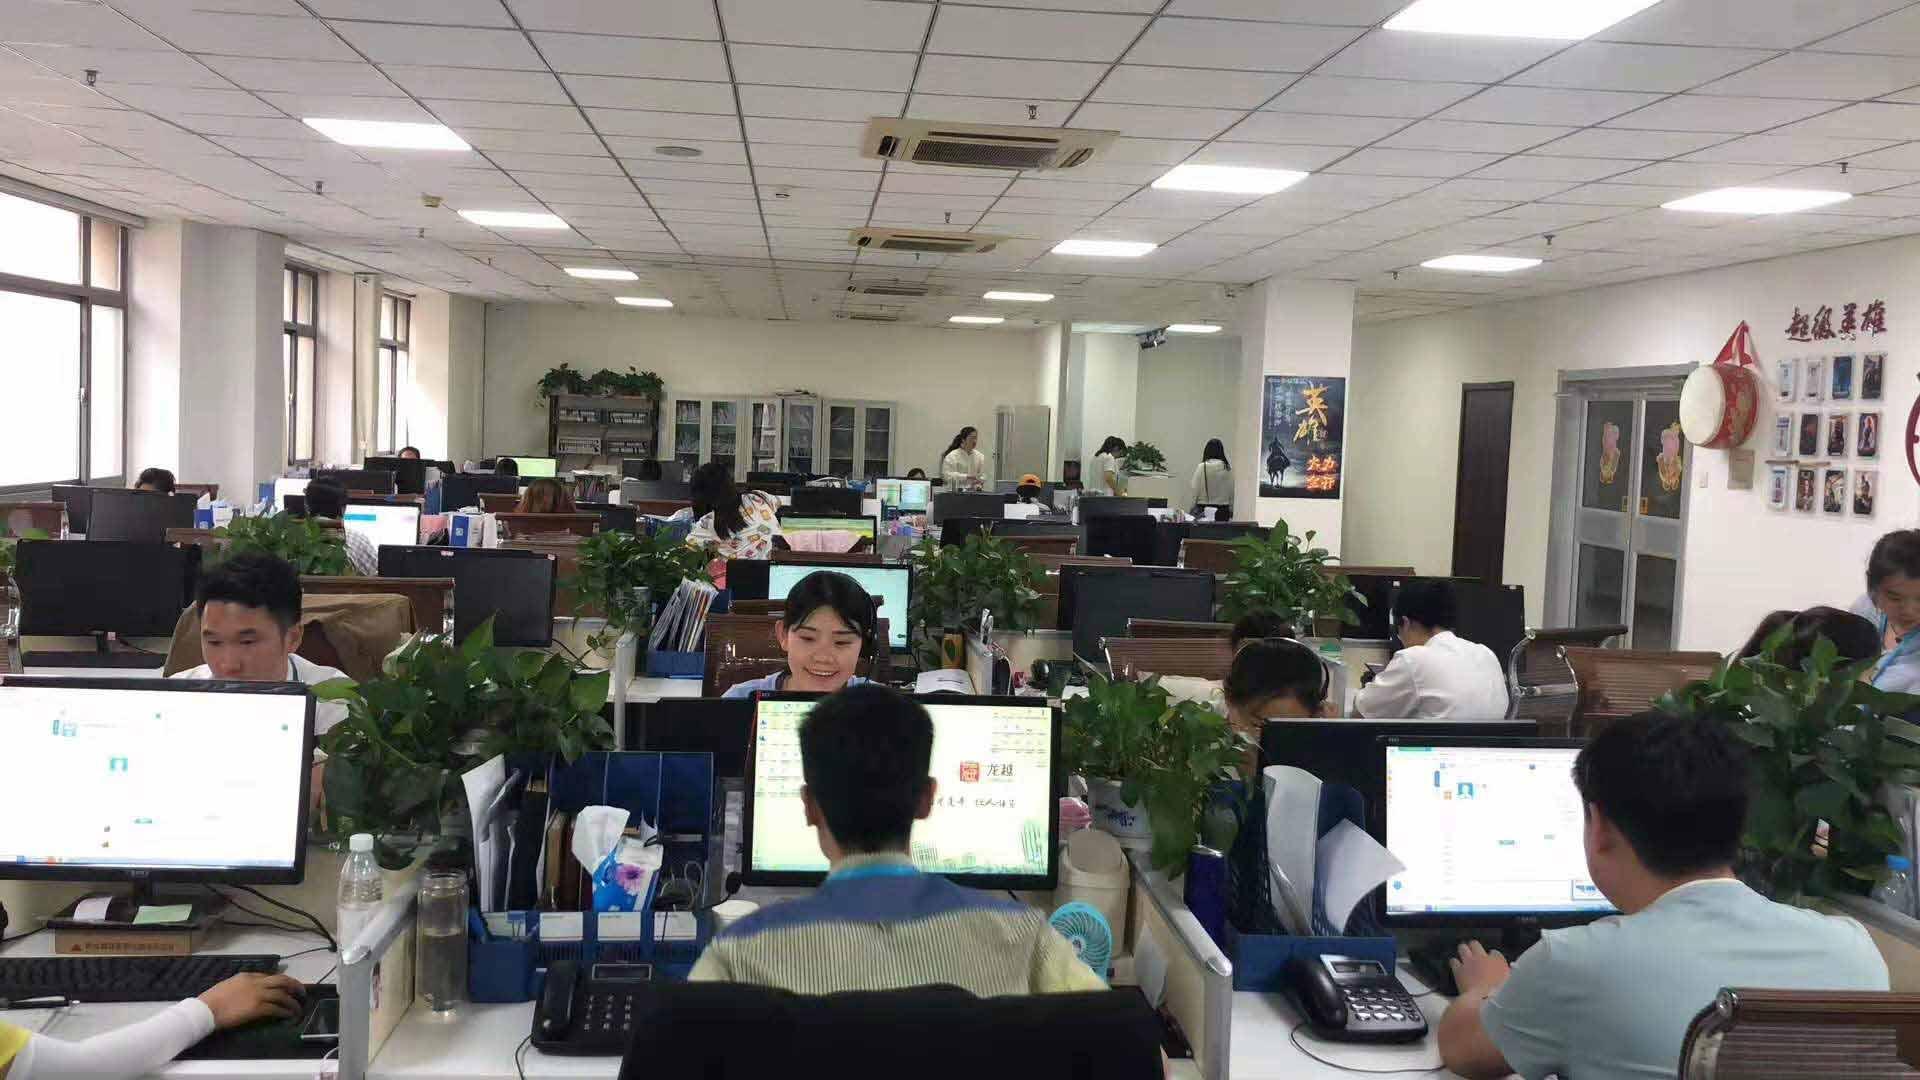 沧县知名税务代办公司 诚信服务 沧州龙越会计服务供应